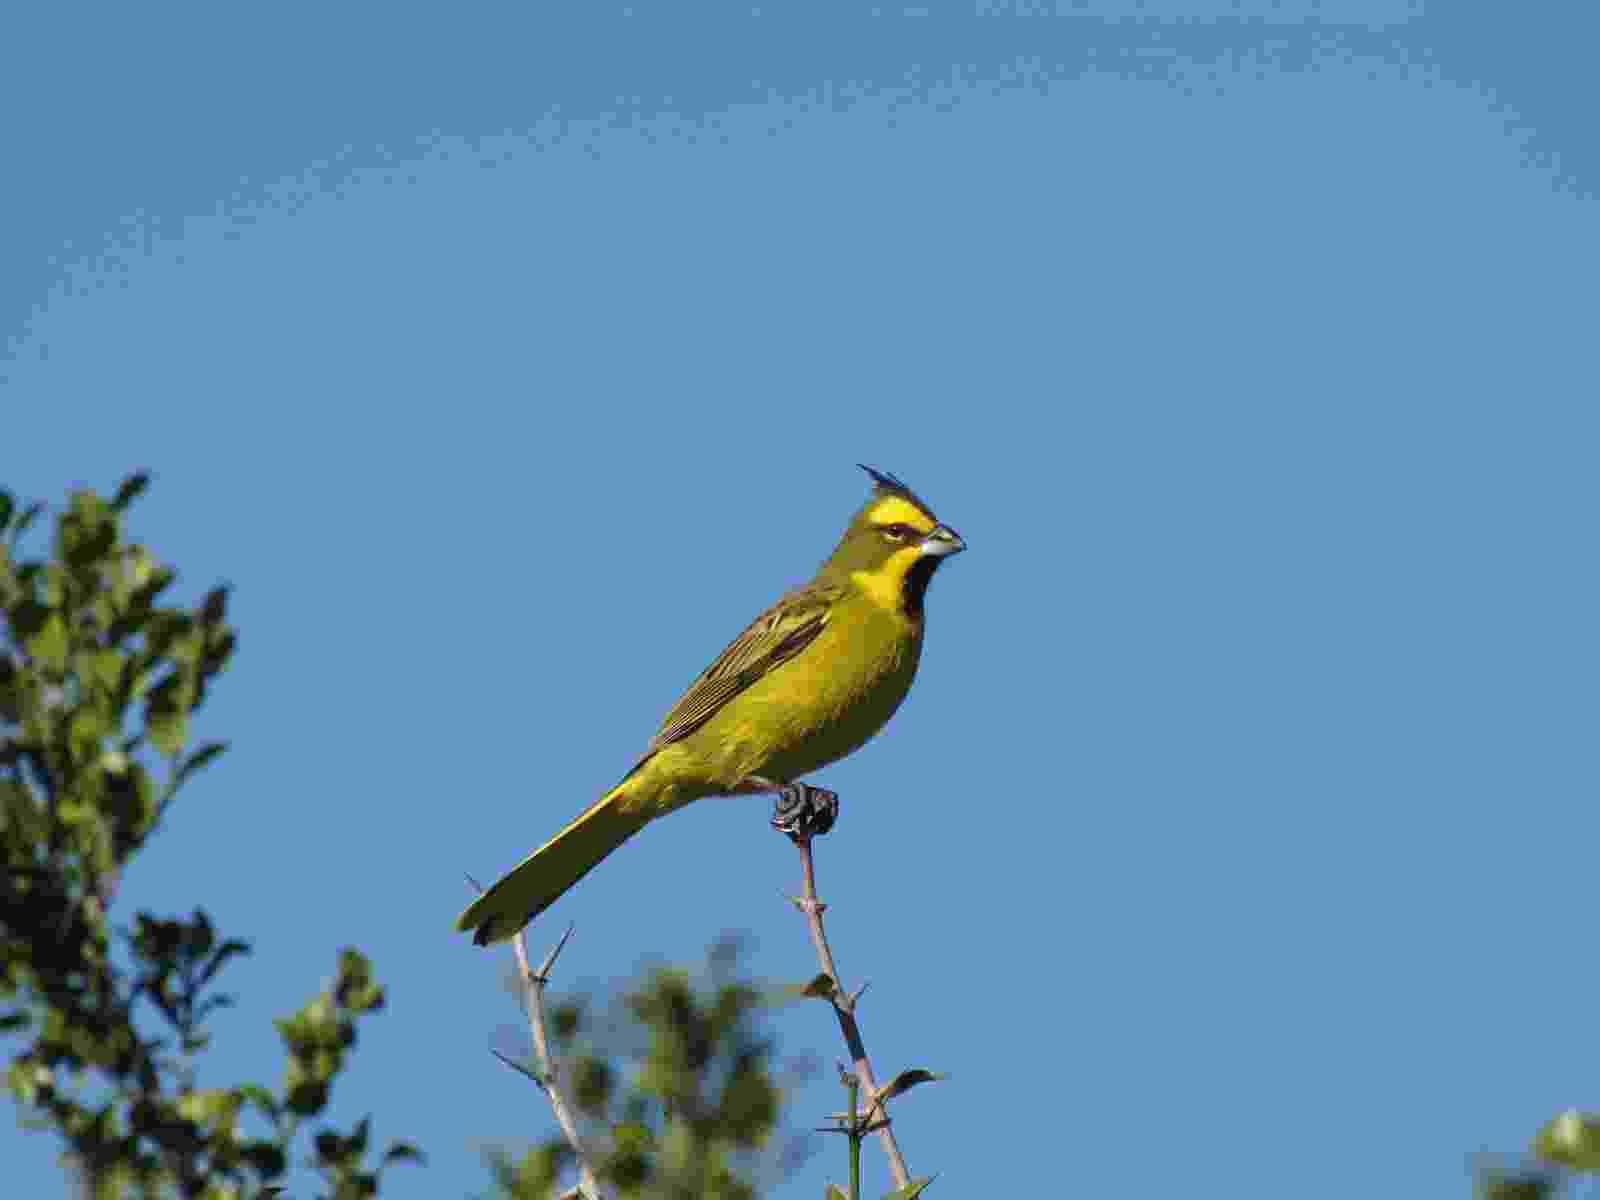 """O cardeal-amarelo (""""Gubernatrix cristata"""") é uma espécie só encontrada no bioma do Pampa, no Sul do Brasil. A plumagem vistosa e o canto agradável tornam a espécie uma das mais cobiçadas pelo mercado ilegal de pássaros silvestres, diz relatório do ICMBio - Alvaro Riccetto Revello/Projeto Cardeal Amarelo"""